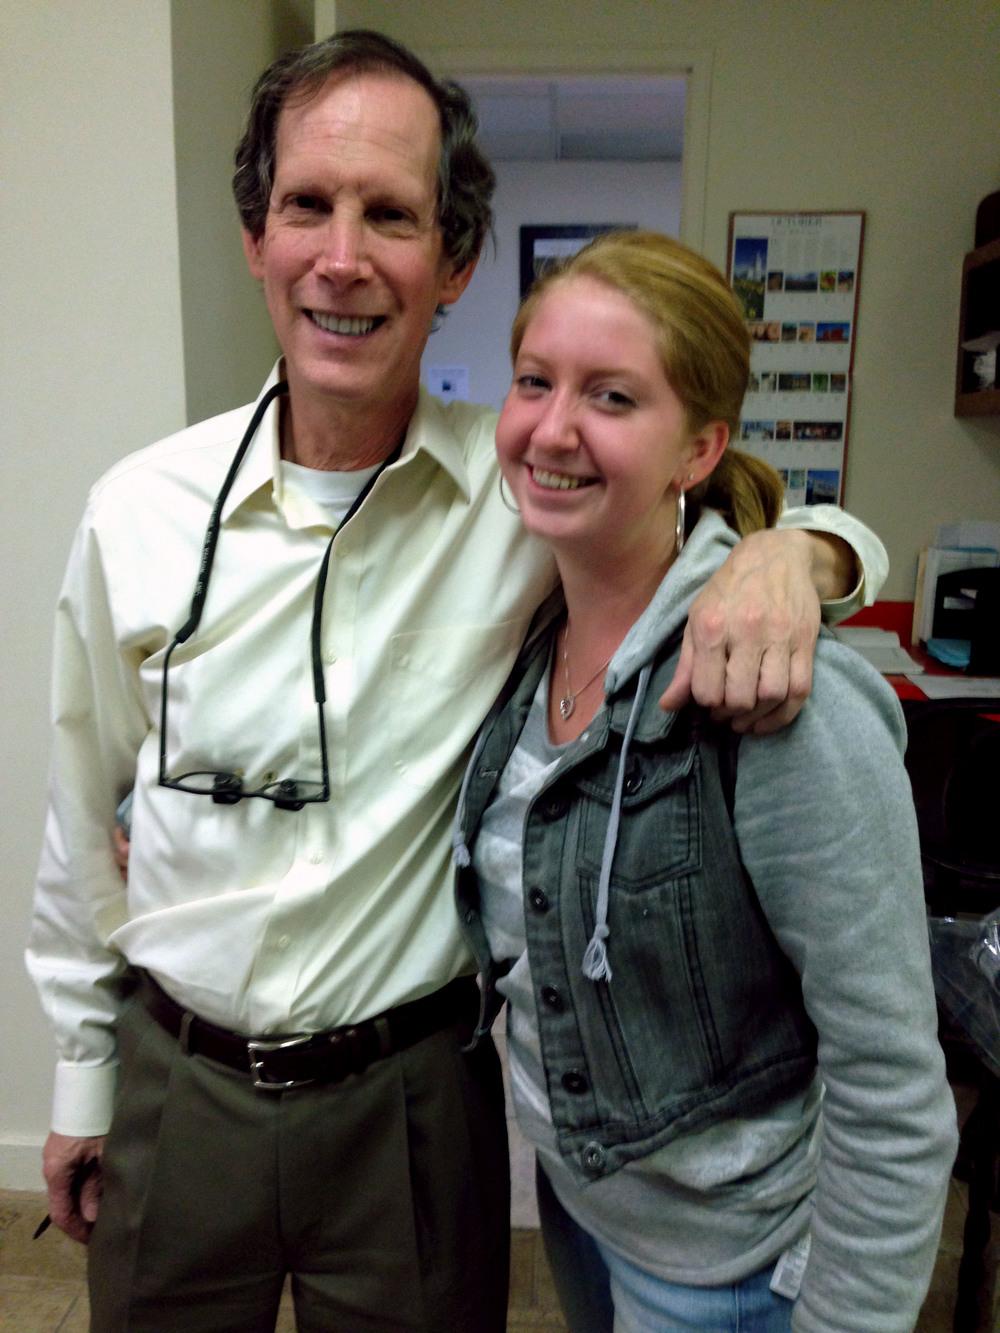 dr. halberstadt with an orthodontics patient